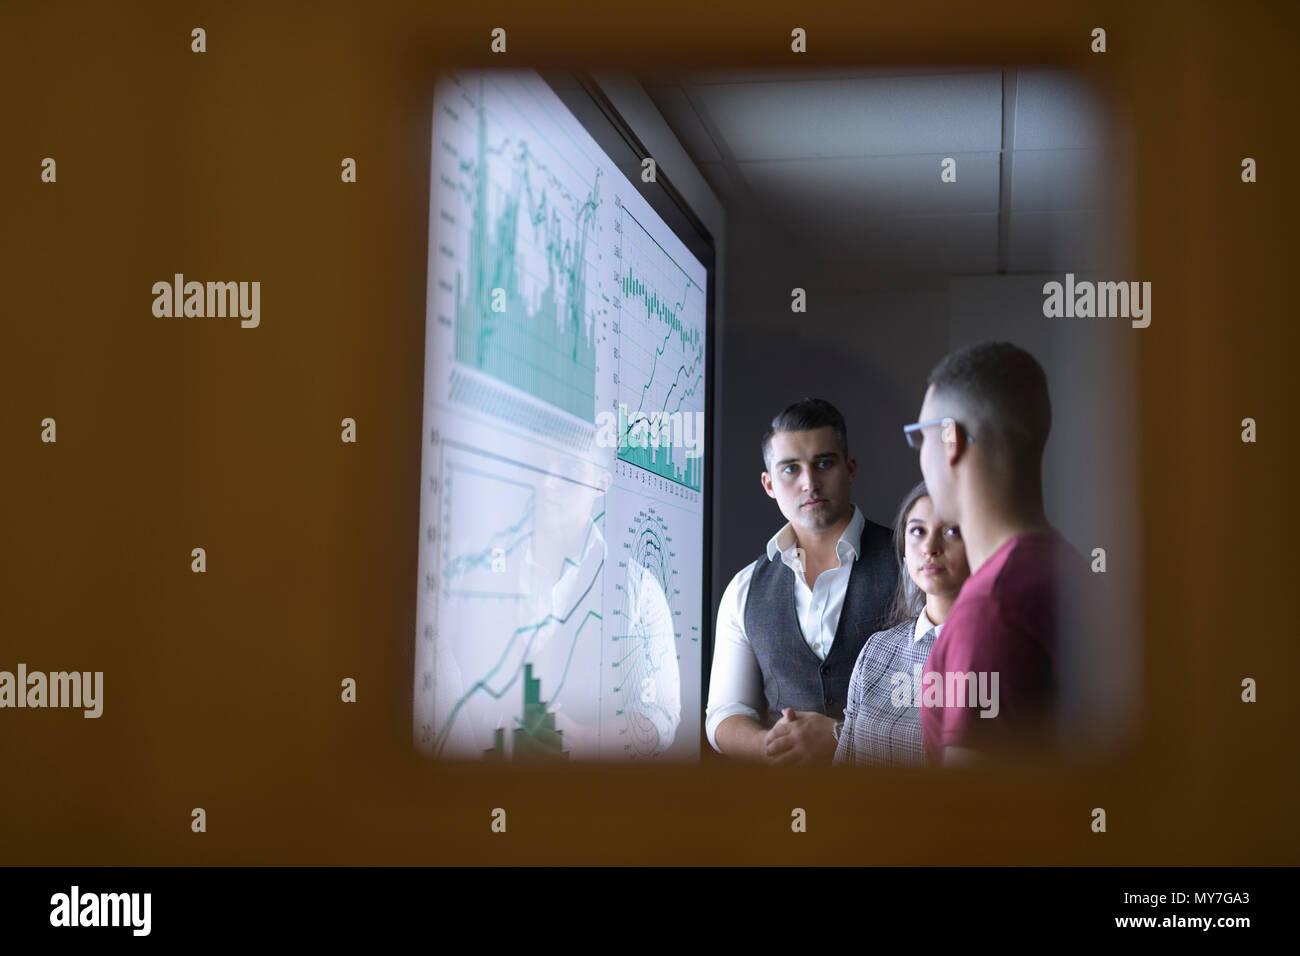 En la reunión del equipo de negocios vistos a través de la puerta de vidrio Imagen De Stock